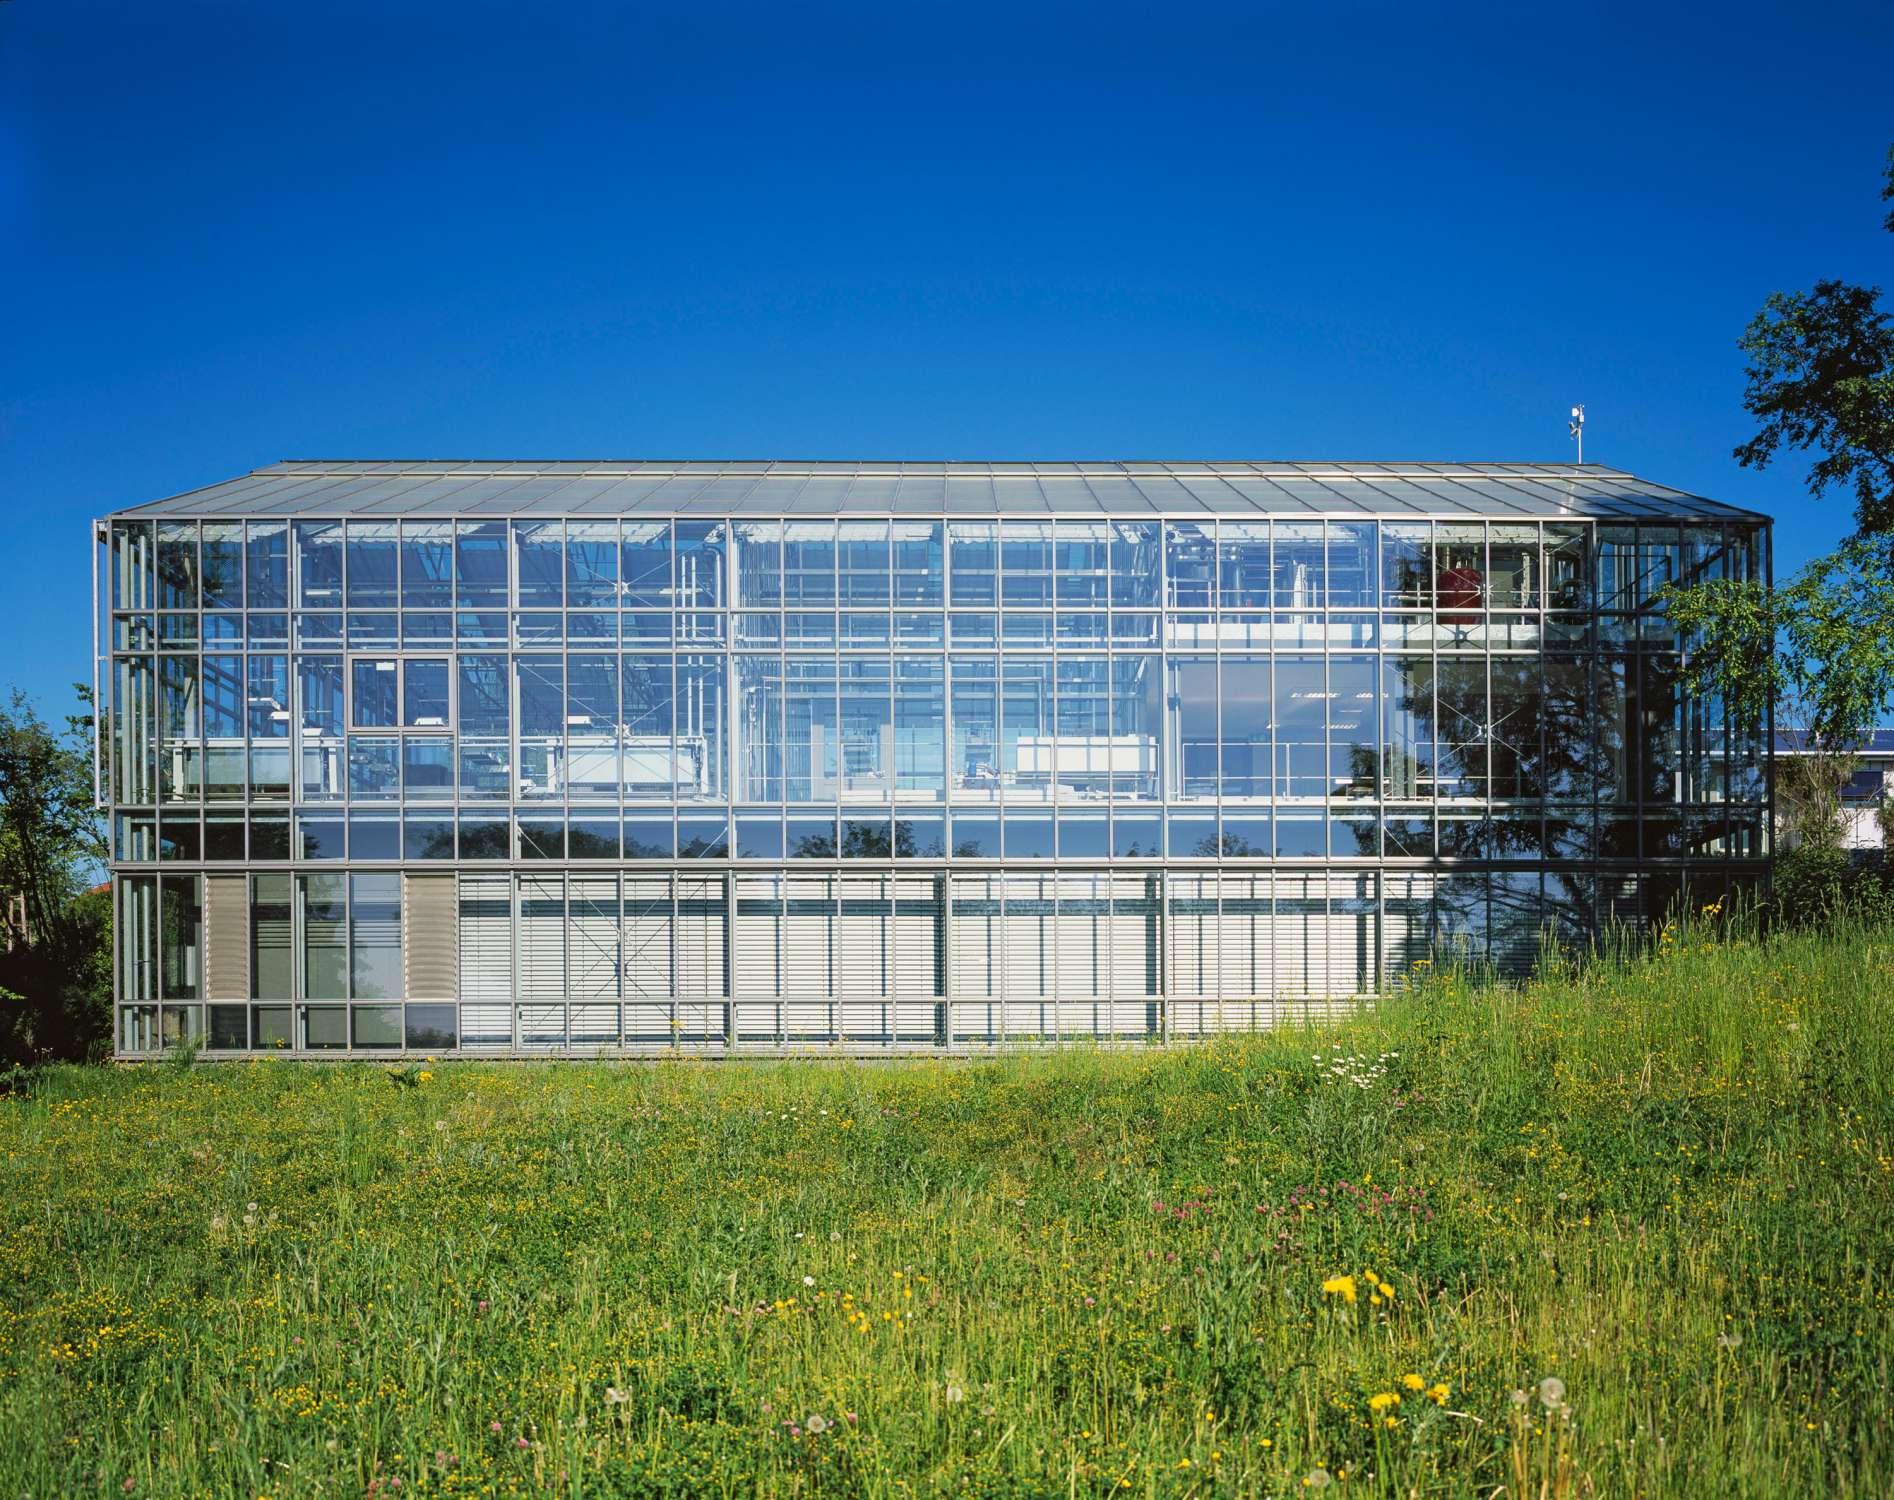 Gewächshaus zur Pflanzenforschung (2)